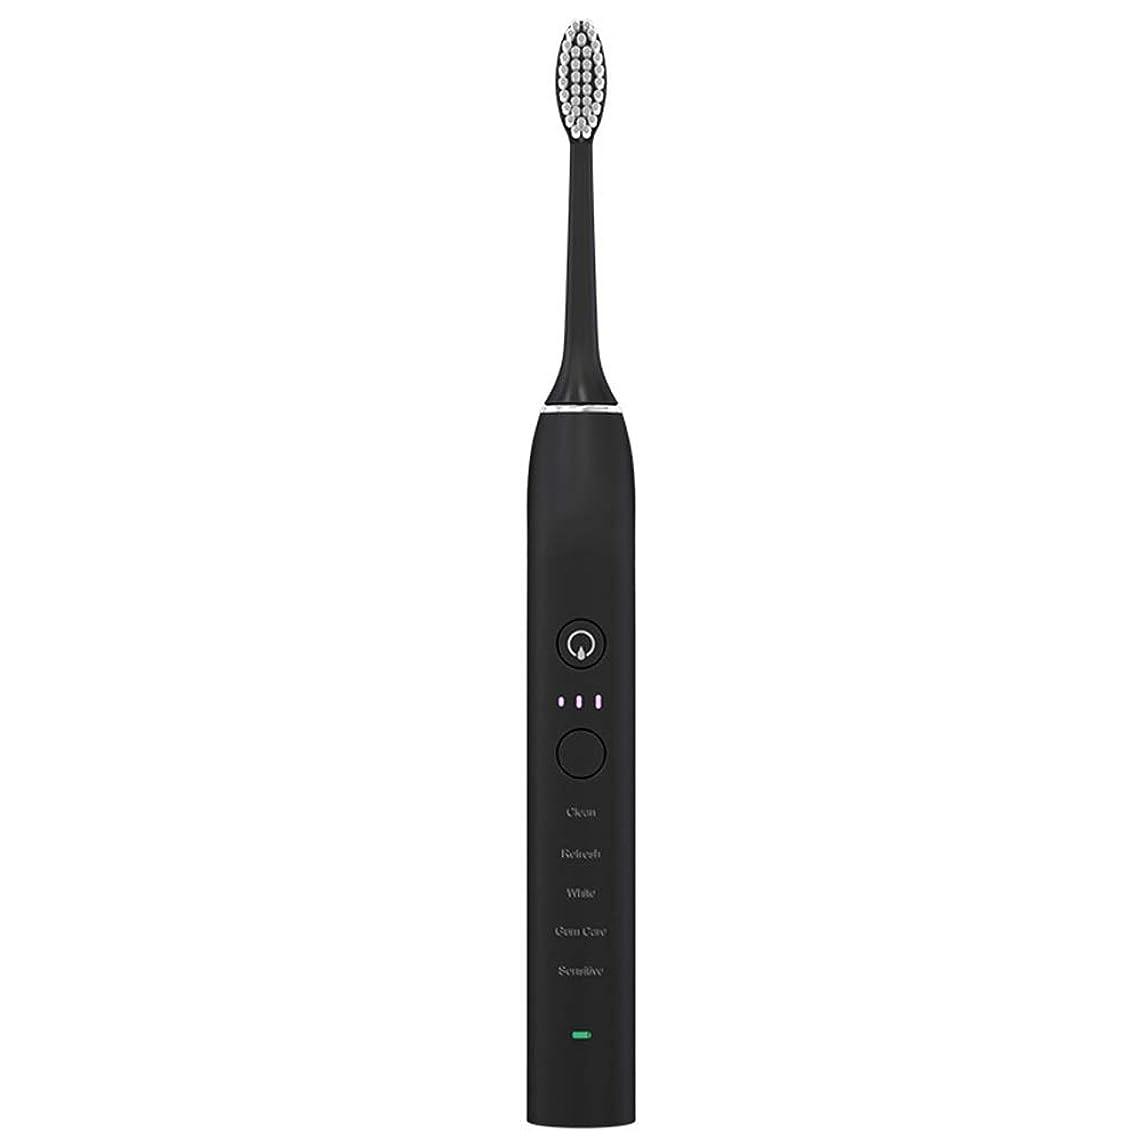 流スピーカーボイコット電動歯ブラシUSB充電式ソフトヘア歯ブラシ大人 完全な口腔ケアのために (色 : ブラック, サイズ : Free size)